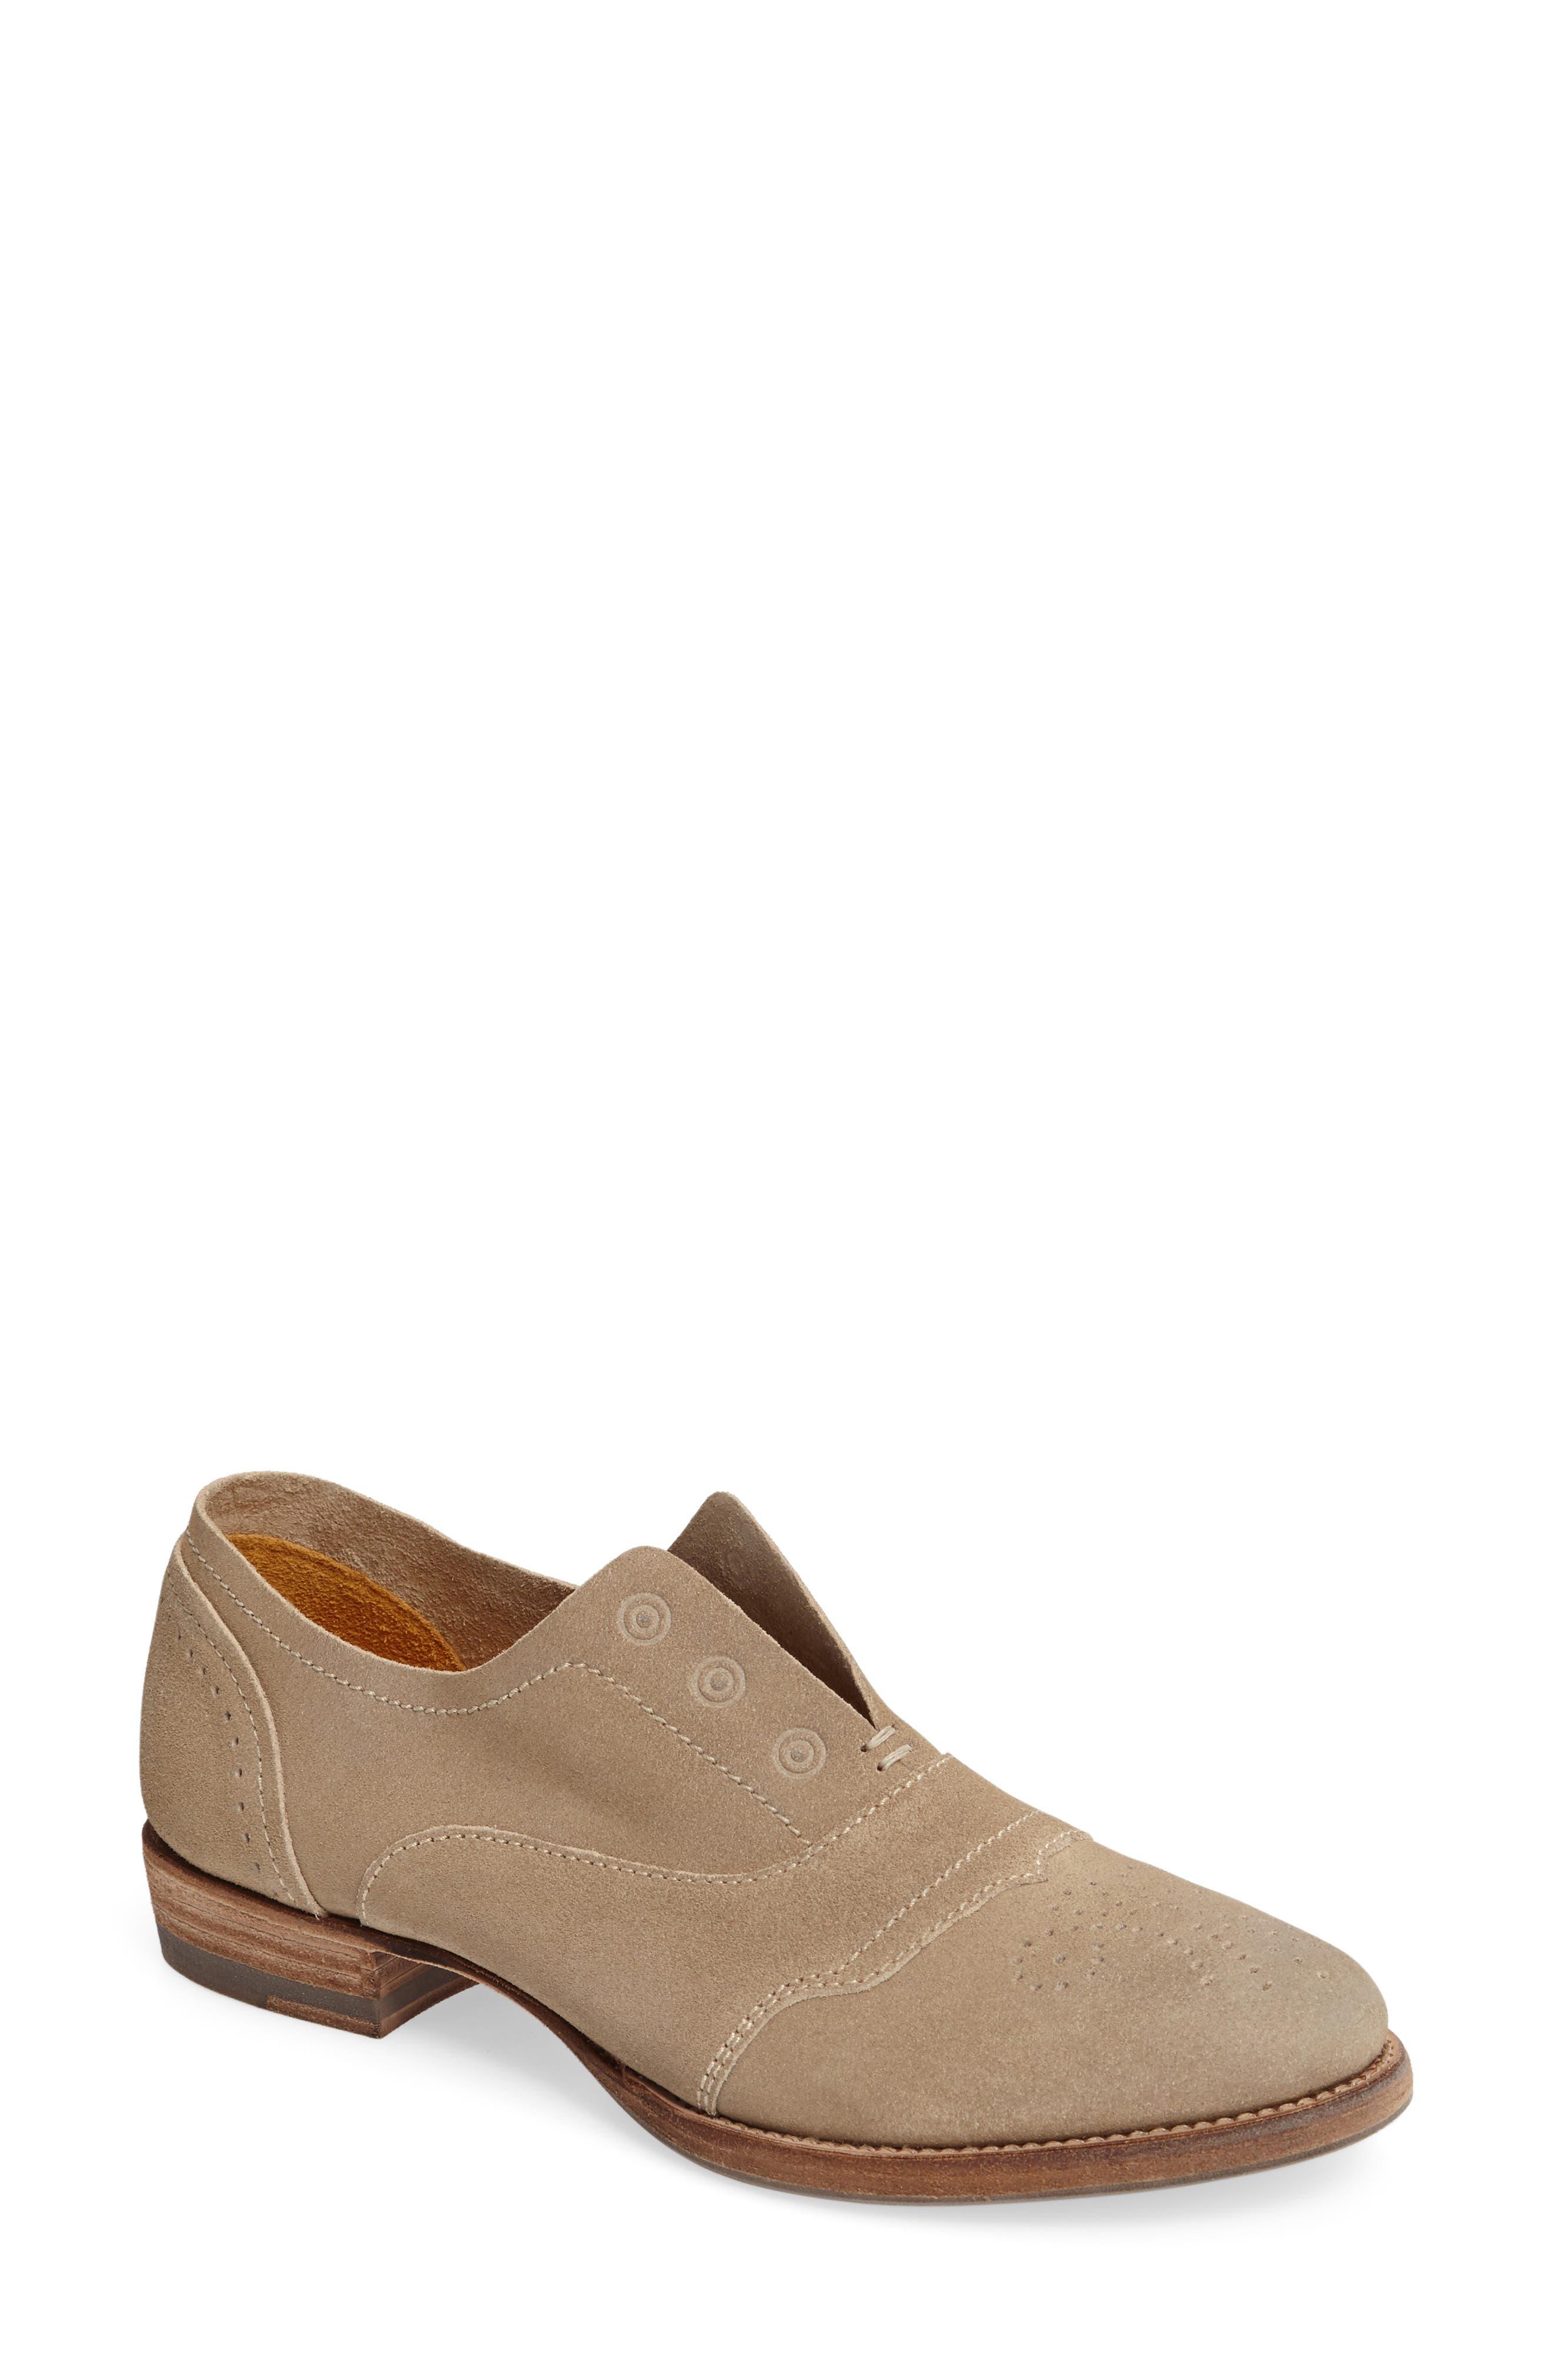 'HL55' Slip-On Oxford,                         Main,                         color, Beige Leather